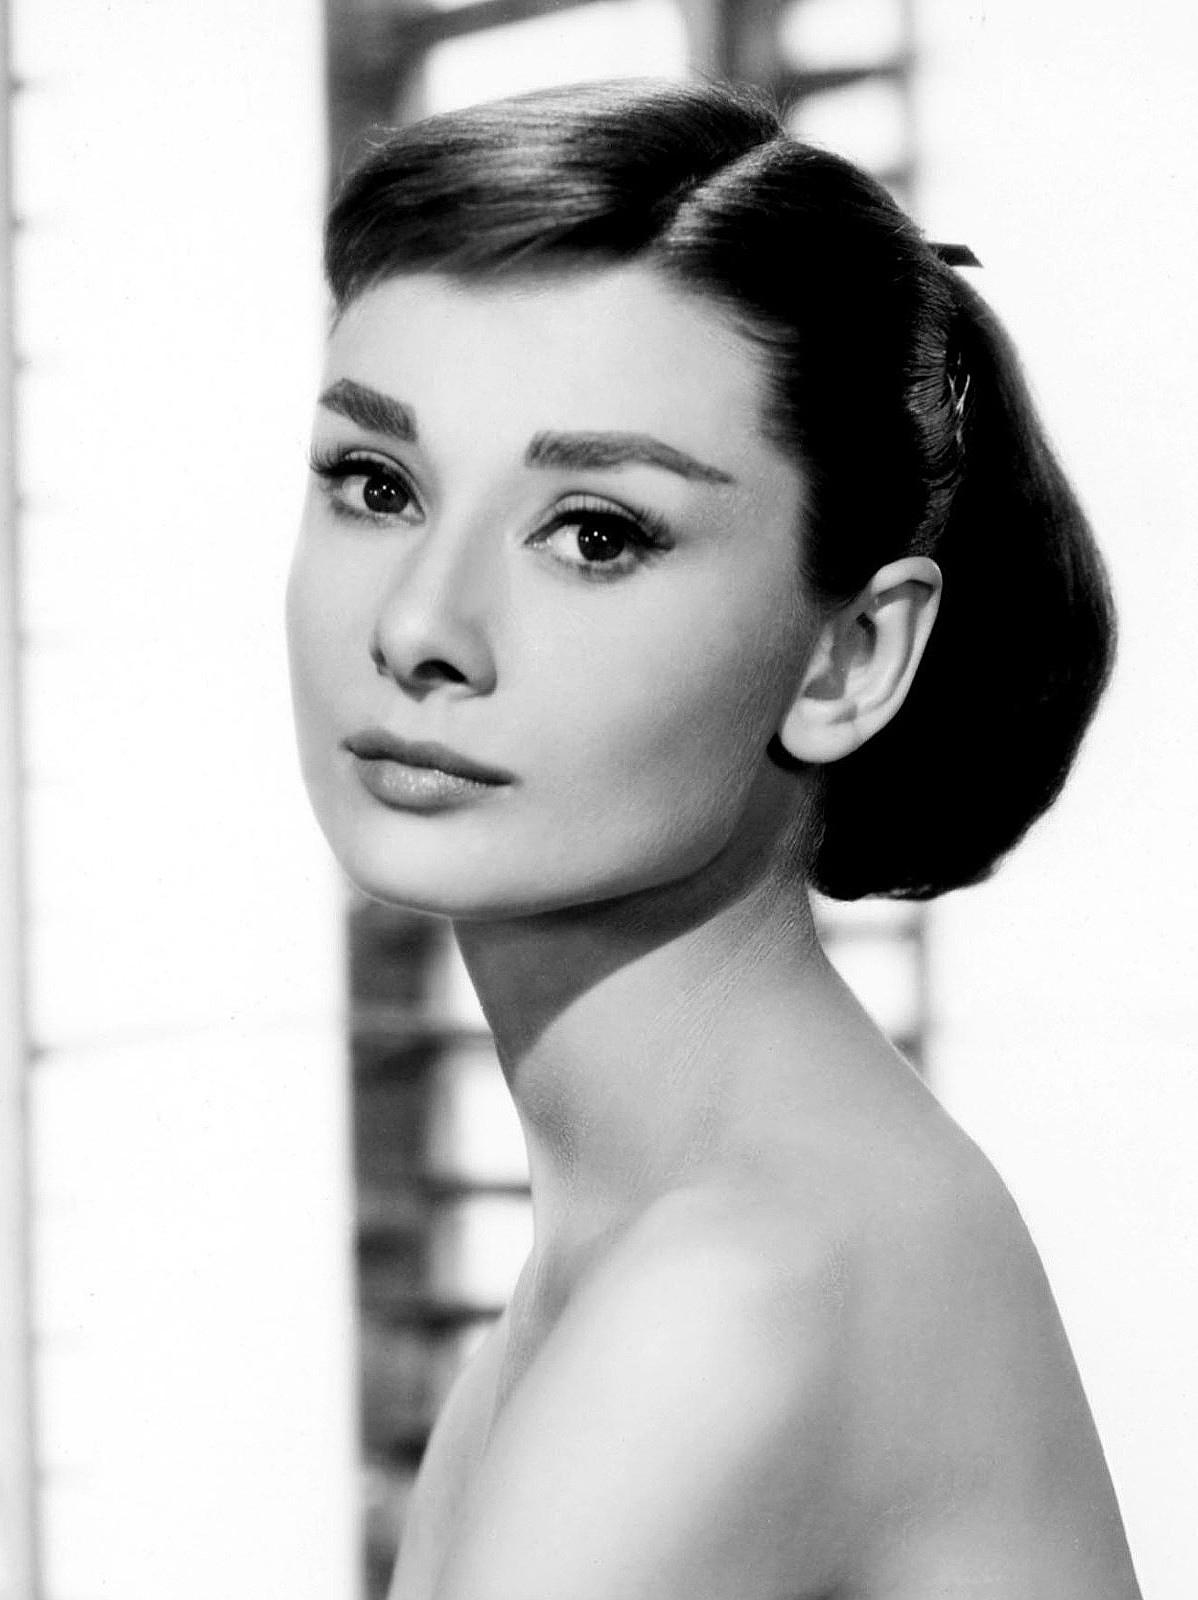 Audrey Hepburn Actor